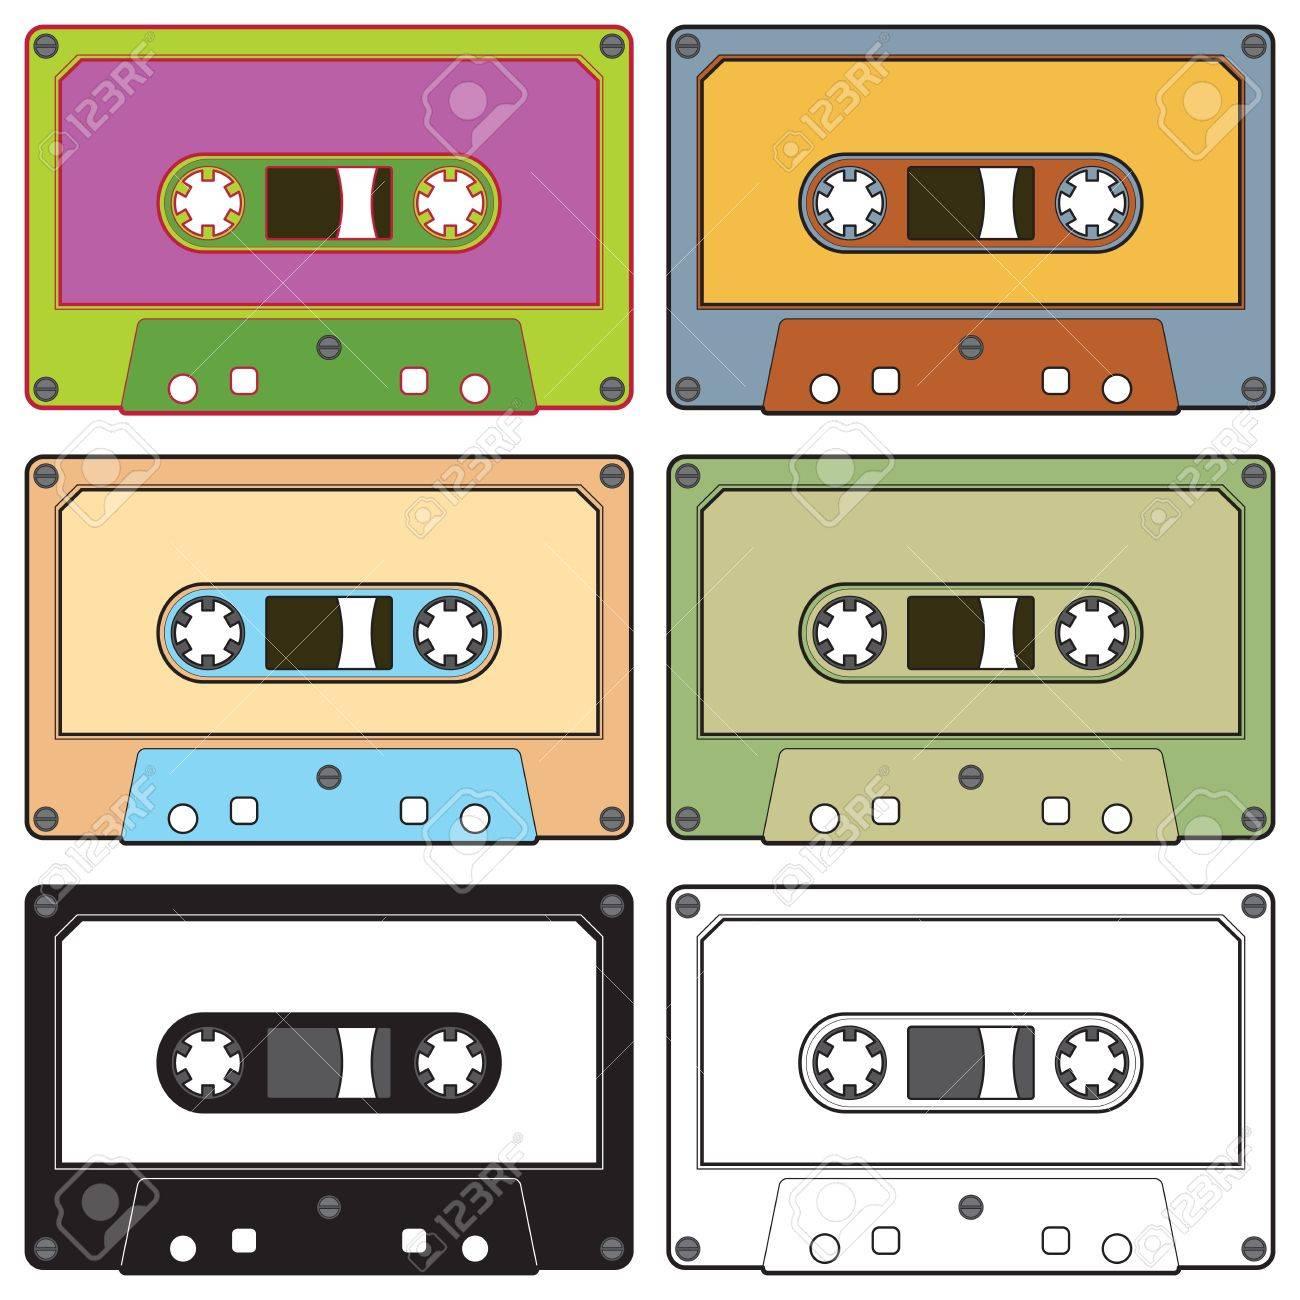 カラフルなラジオ カセット テープのリアルなイラストのイラスト素材